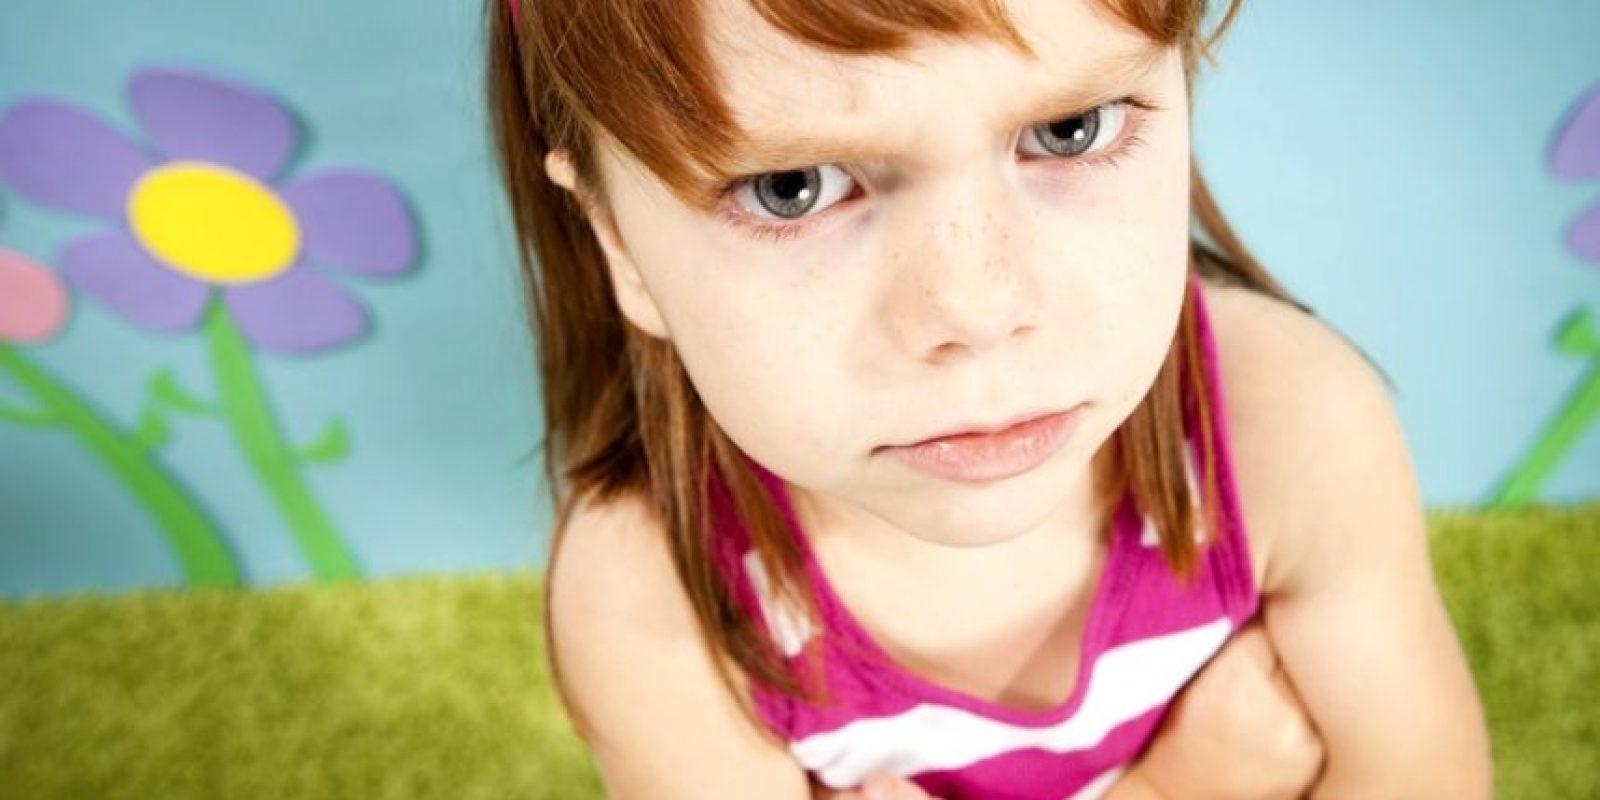 El niño escapó y ella prometió tratarlo bien. Foto:Getty Images